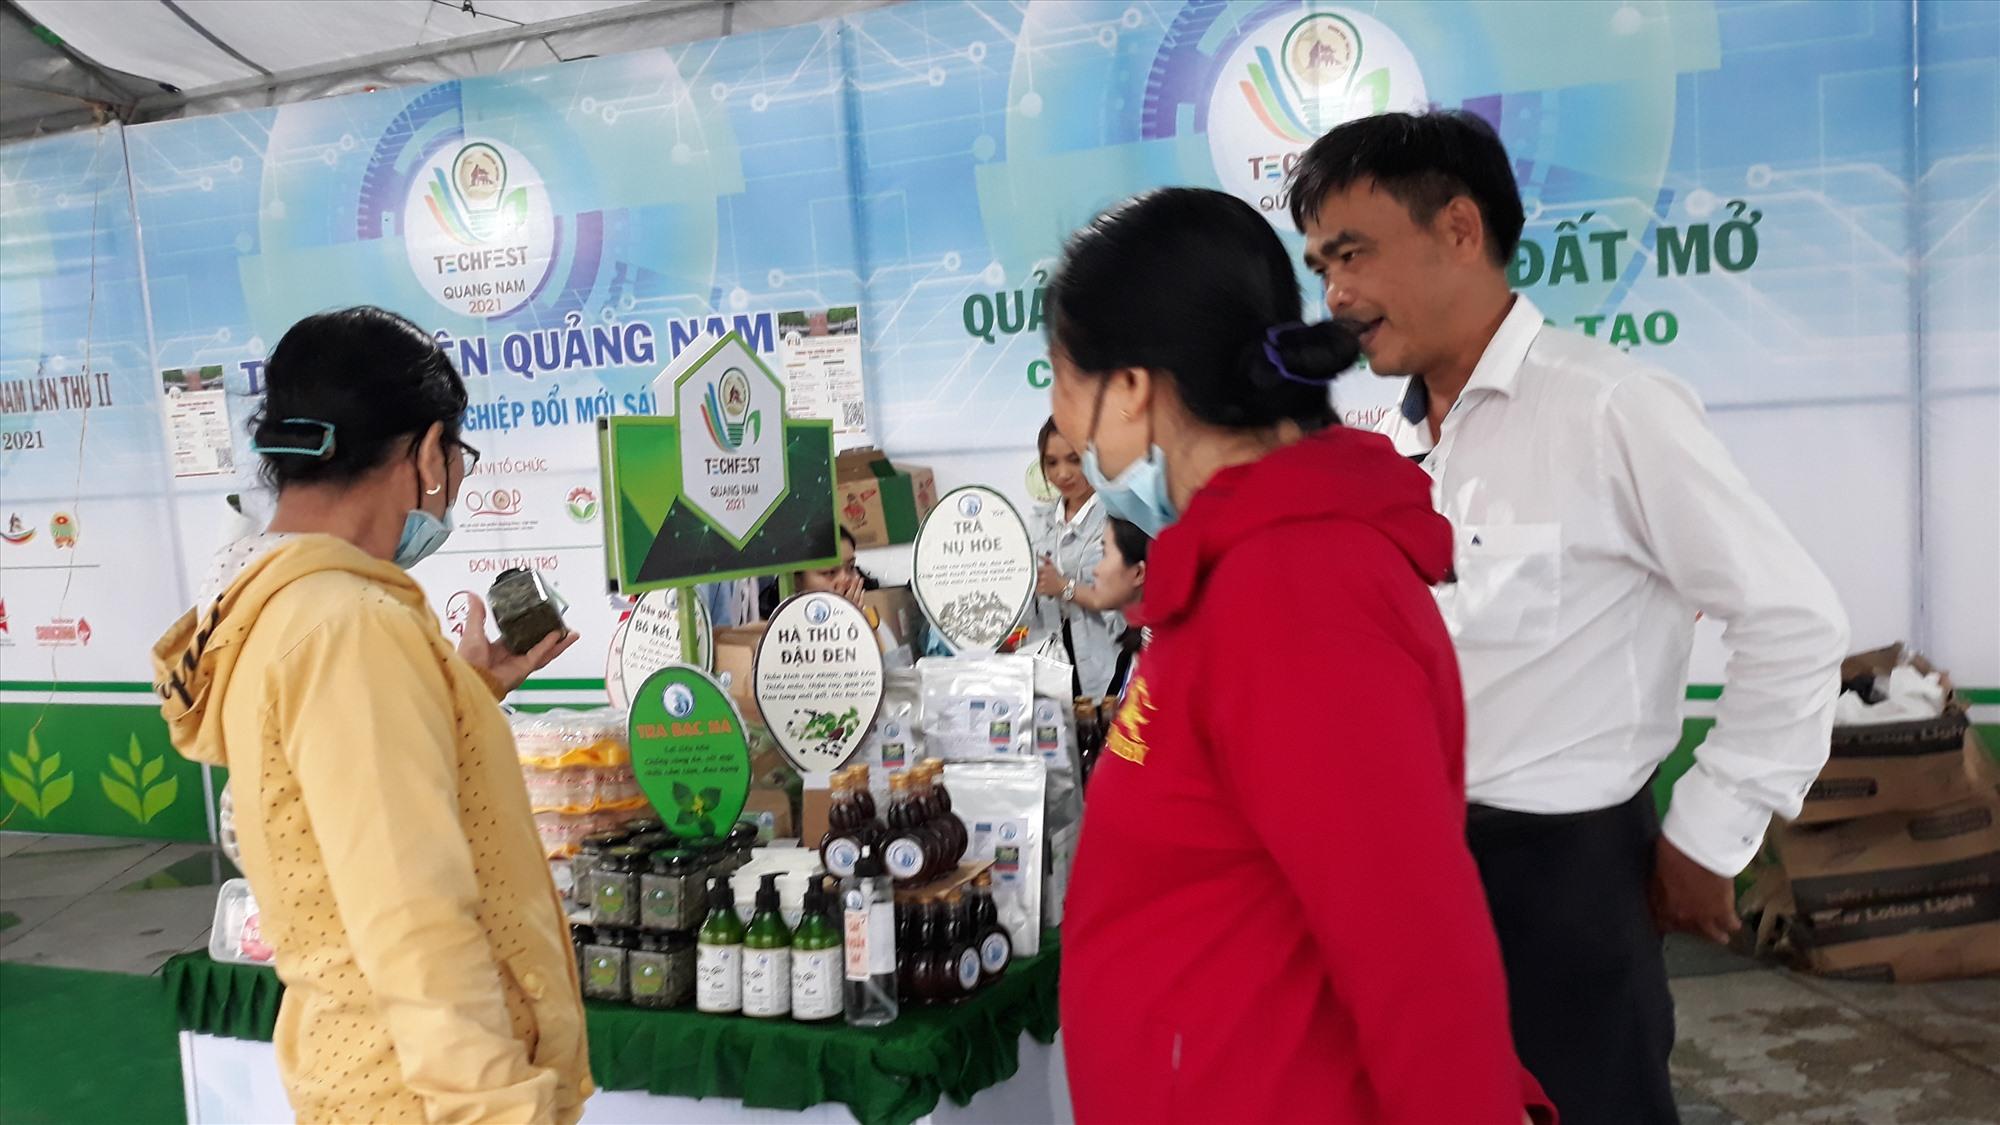 Khách hàng ở Quảng Nam chọn mua sản phẩm của Khoa Y Dược Đại học Đà Nẵng. Ảnh: C.N